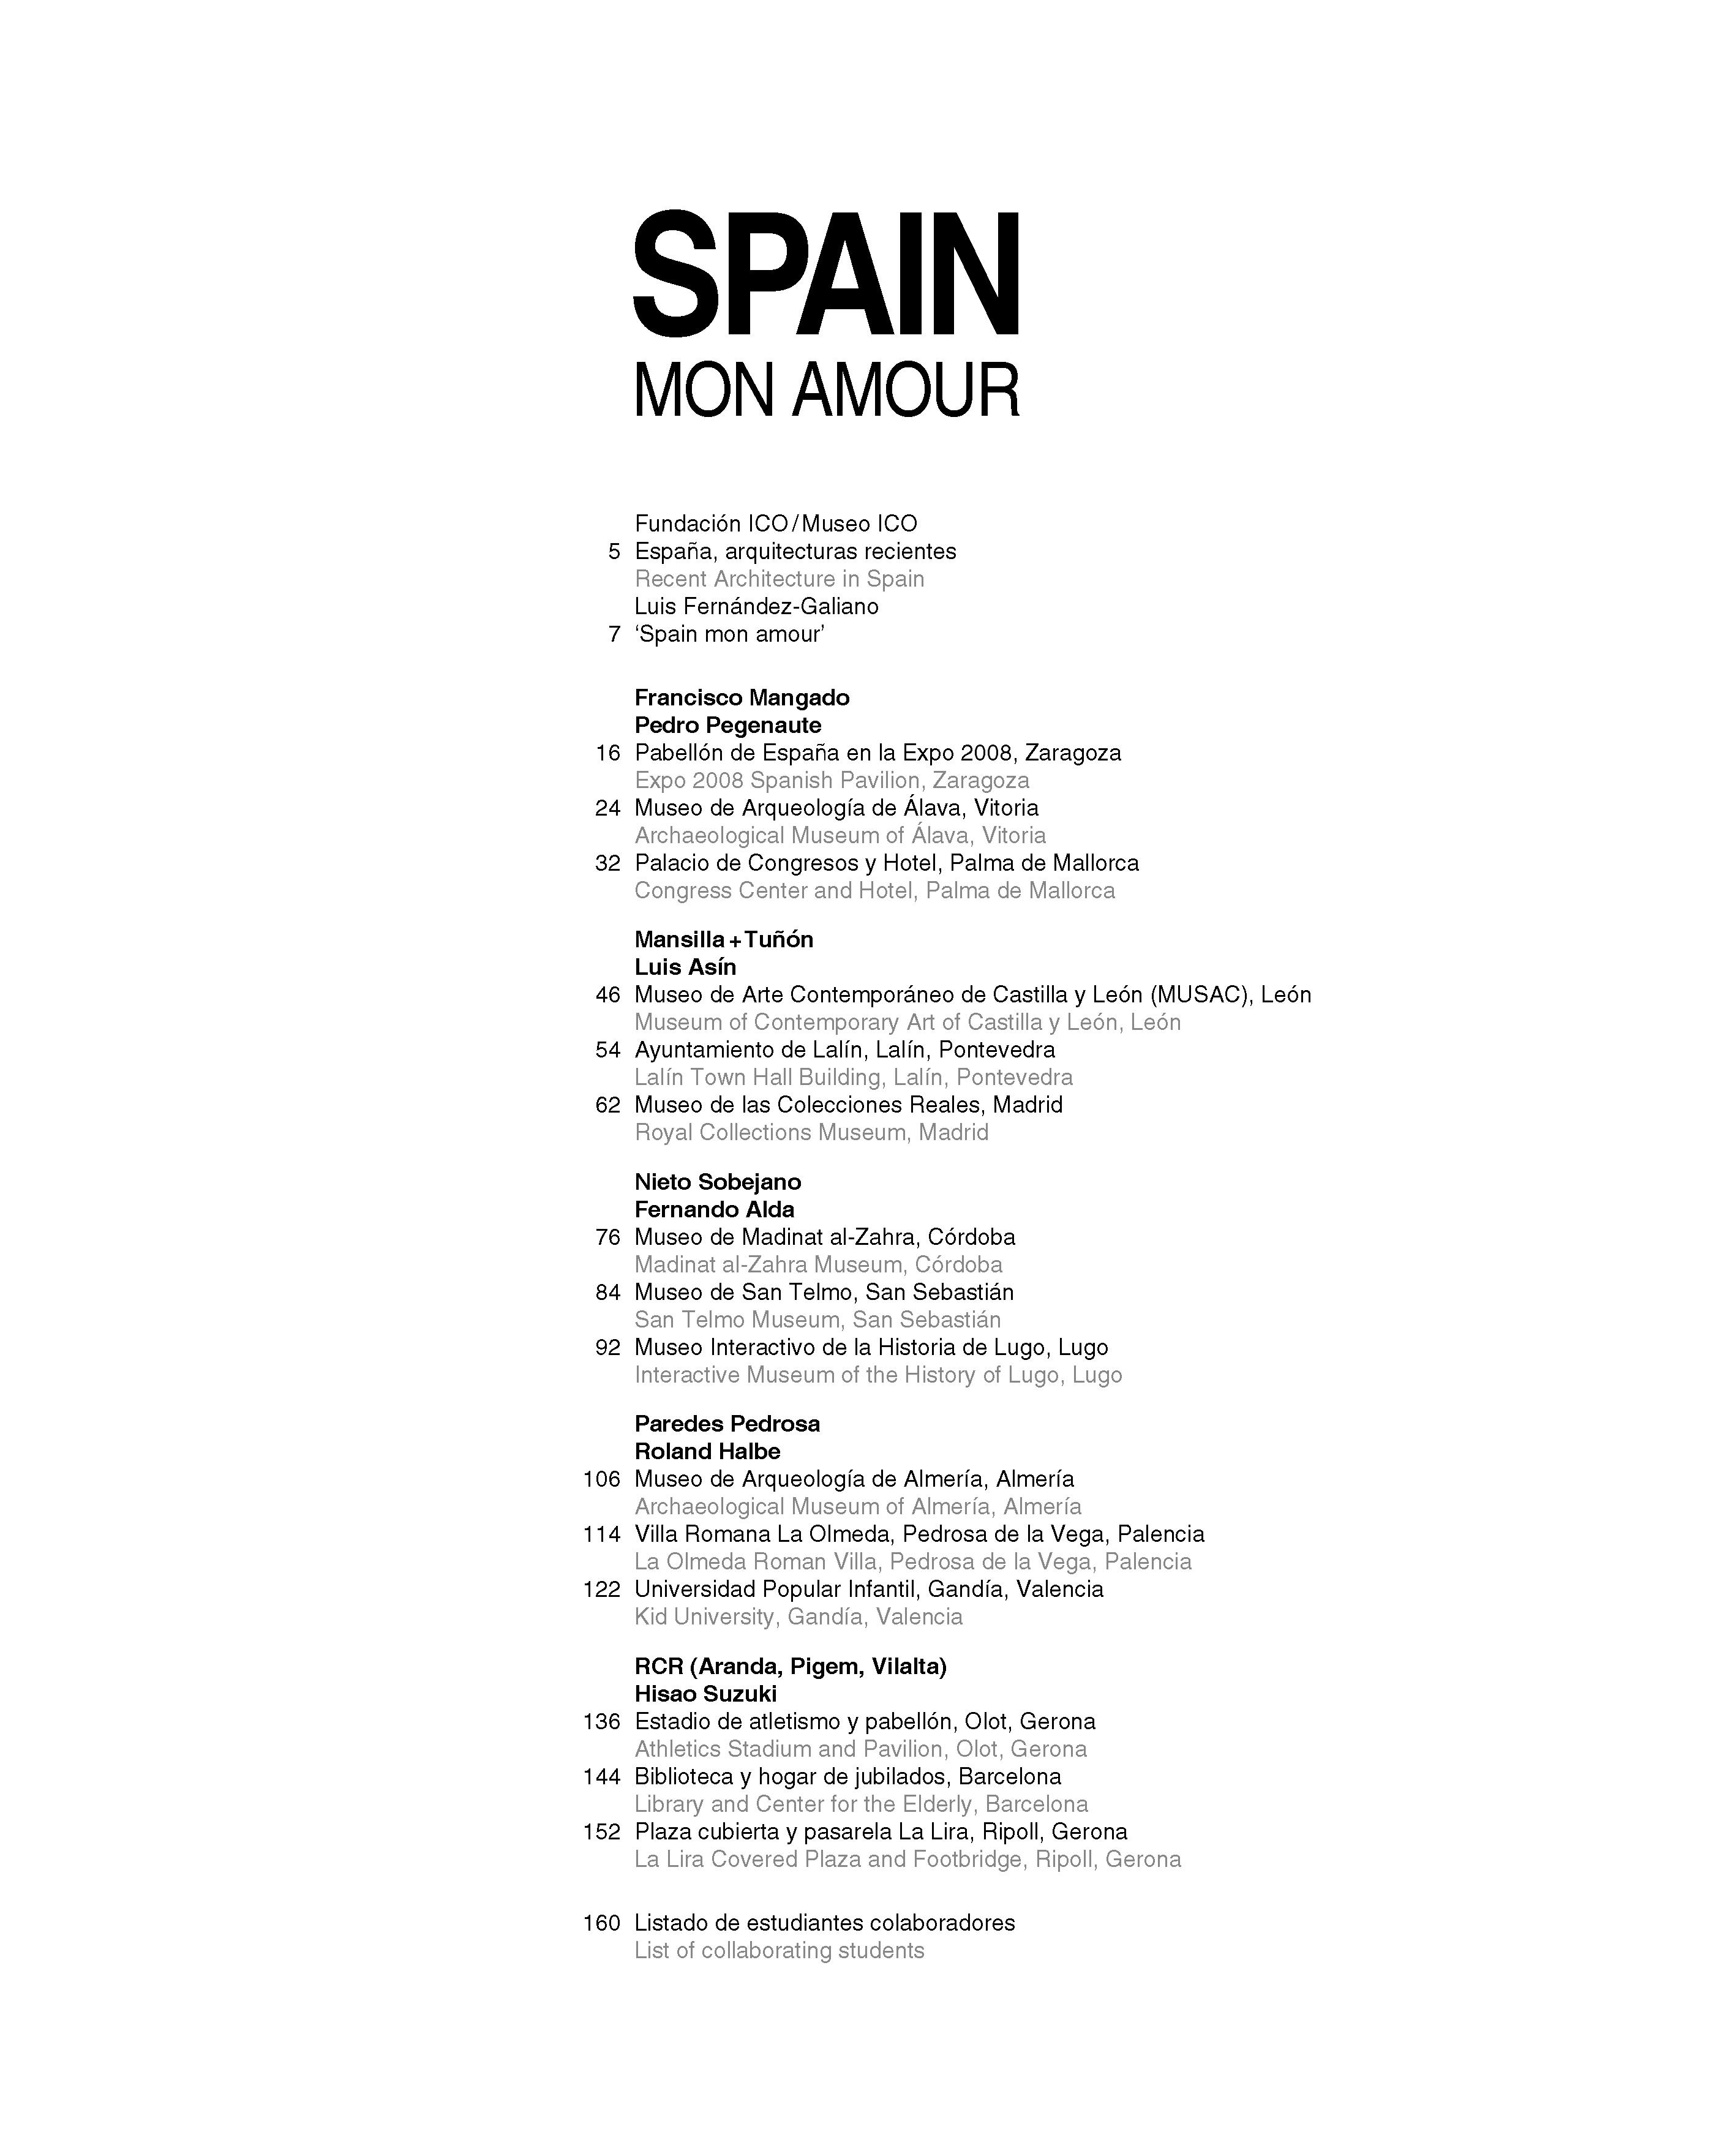 Spain mon amour